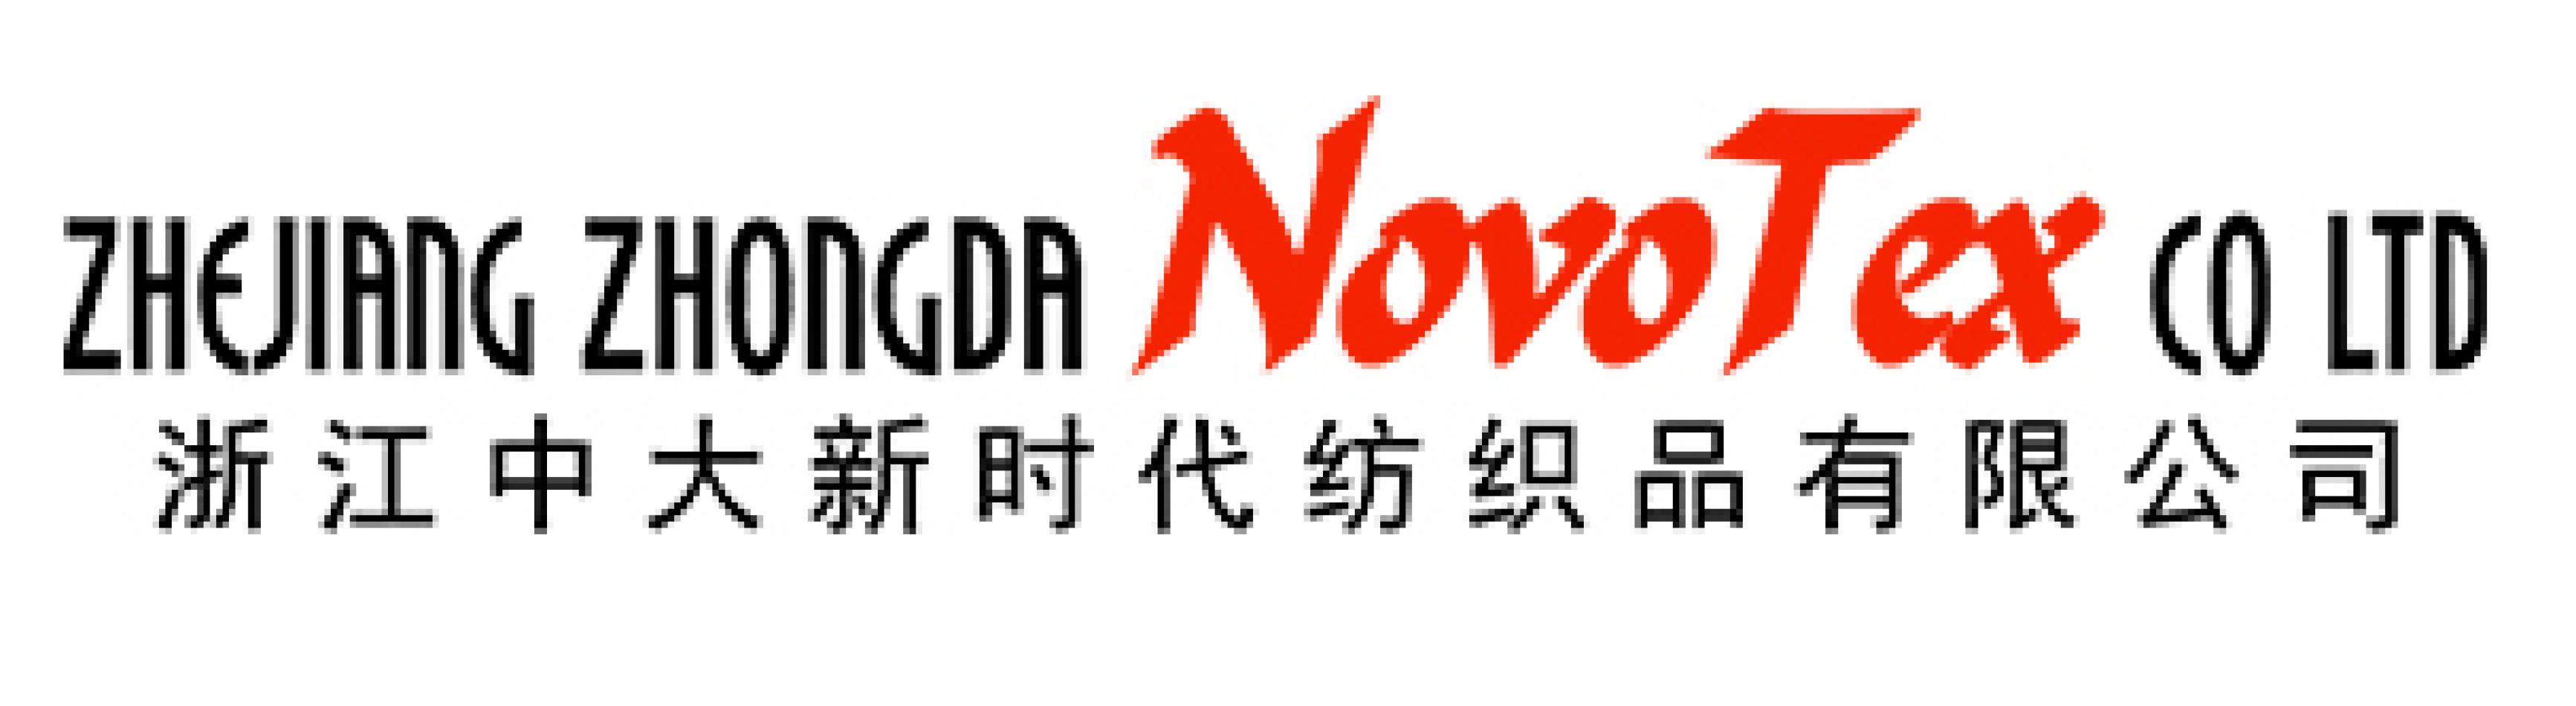 ZHEJIANG ZHONGDA NOVOTEX CO.,LTD